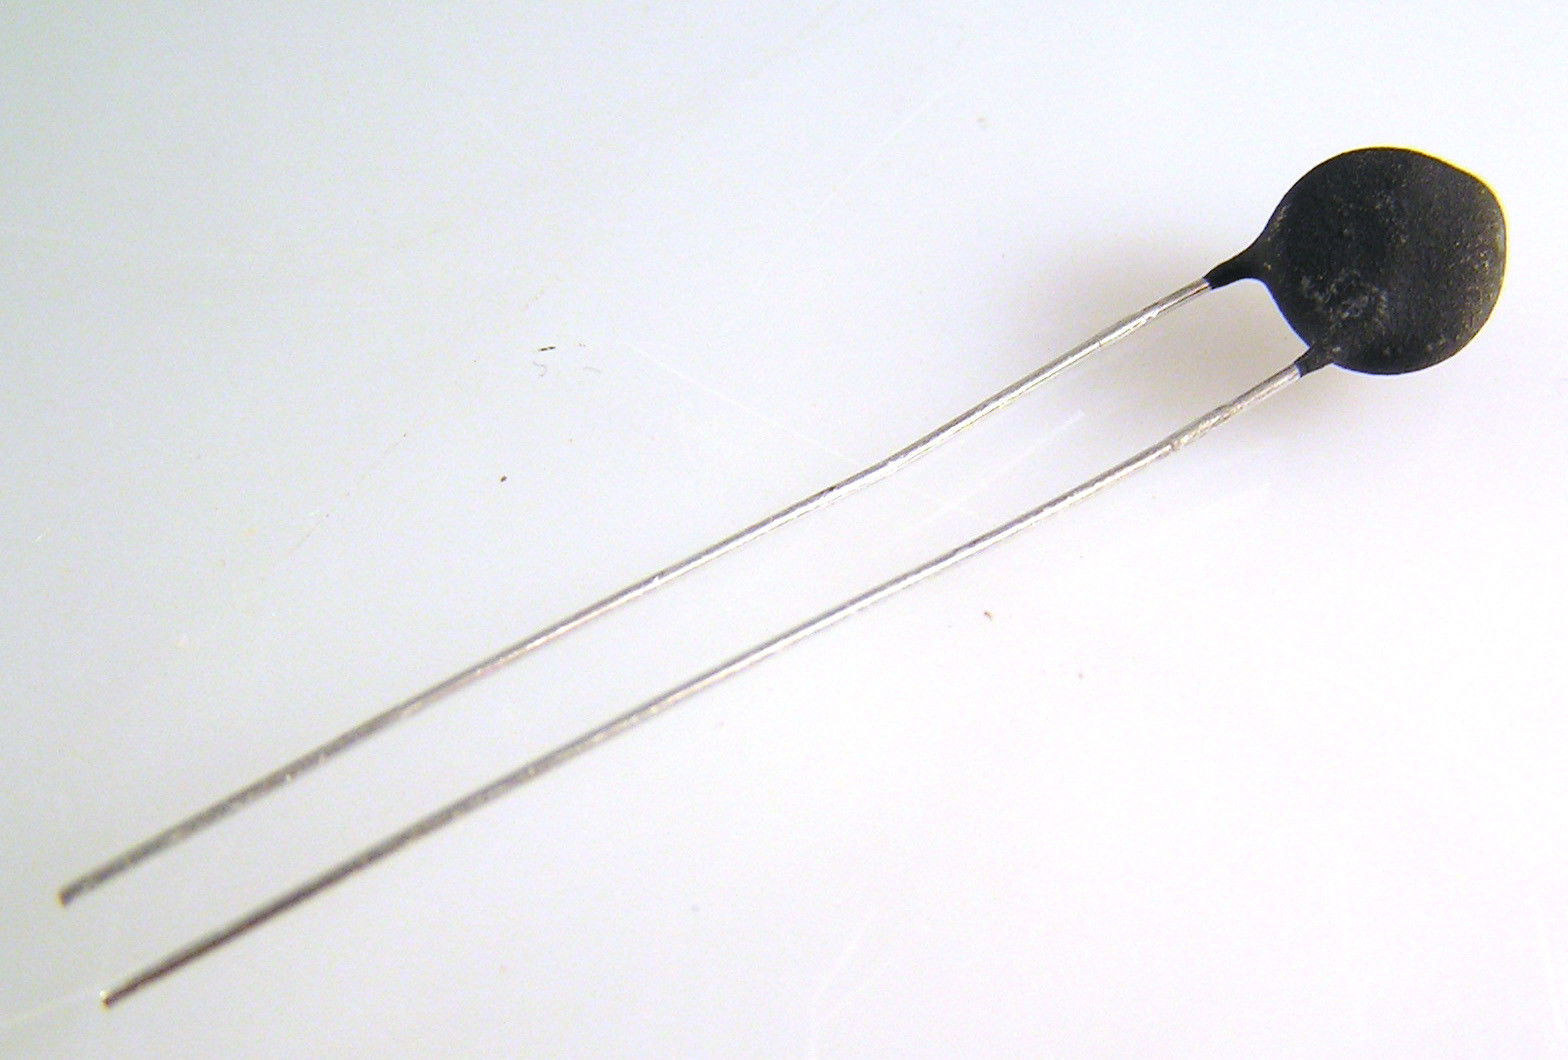 Ametherm Thermistors SL08 20002 Current Limiter Inrush 20Ohm 2A 5 Pieces OM0089A